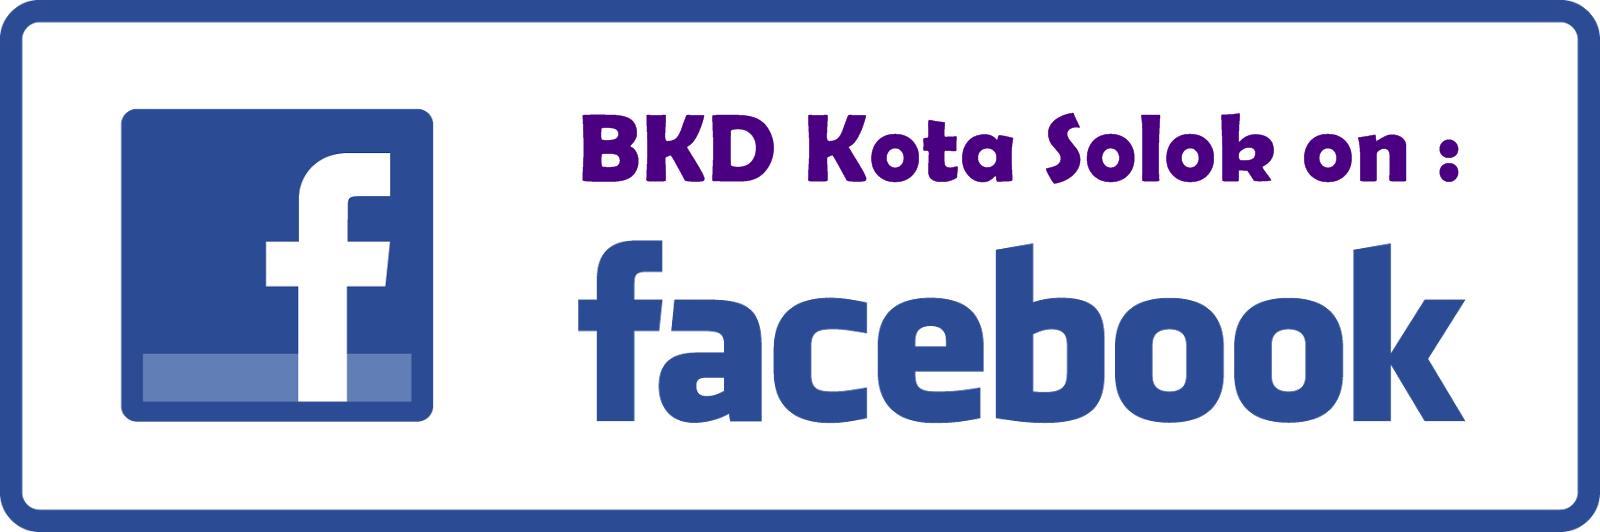 FB BKD Kota Solok